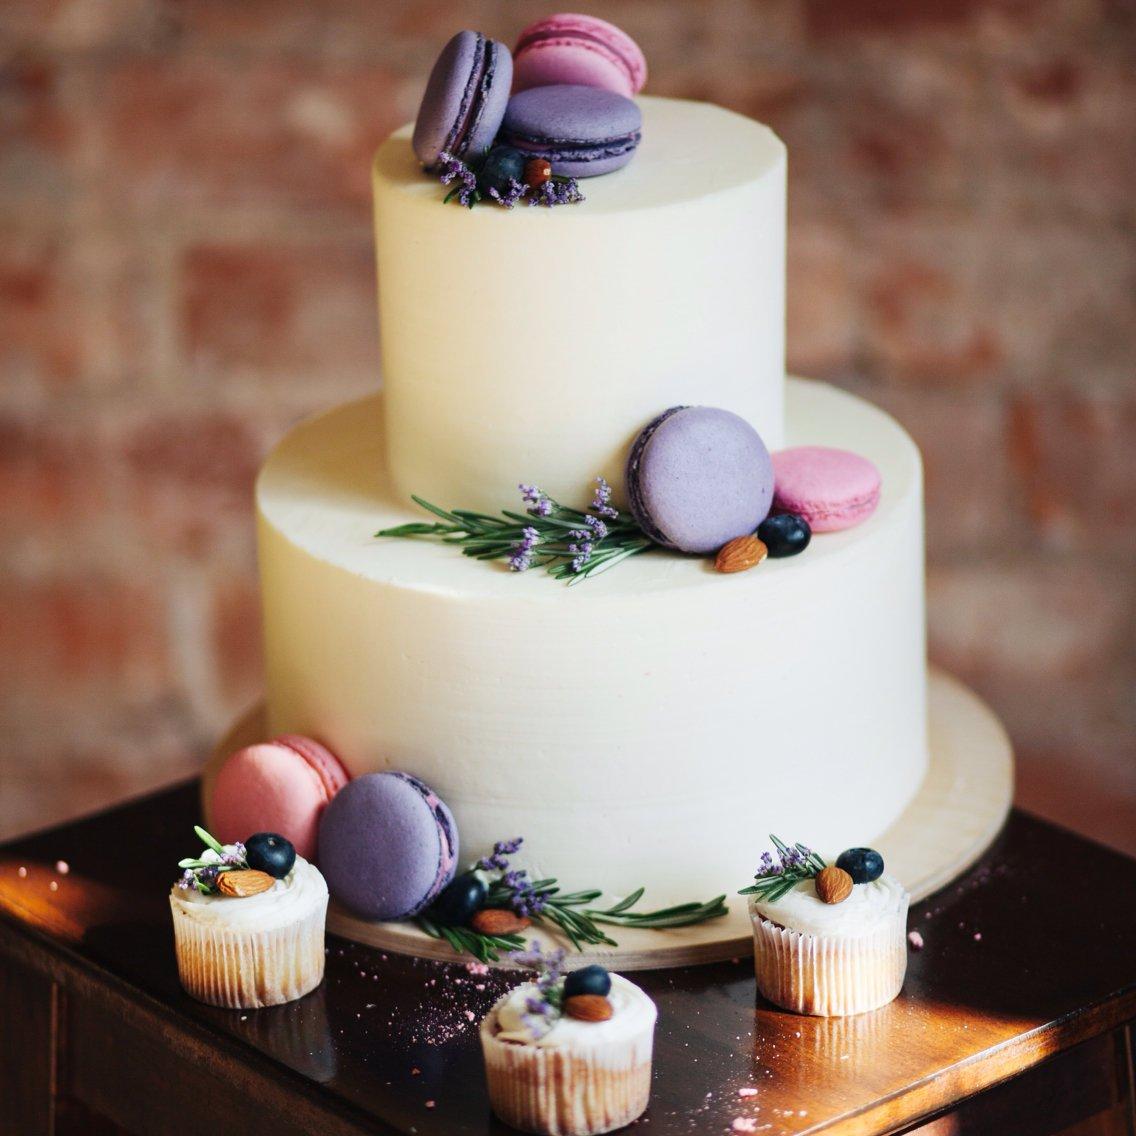 двухъярусный торт без мастики рецепт с фото про норковую шубу